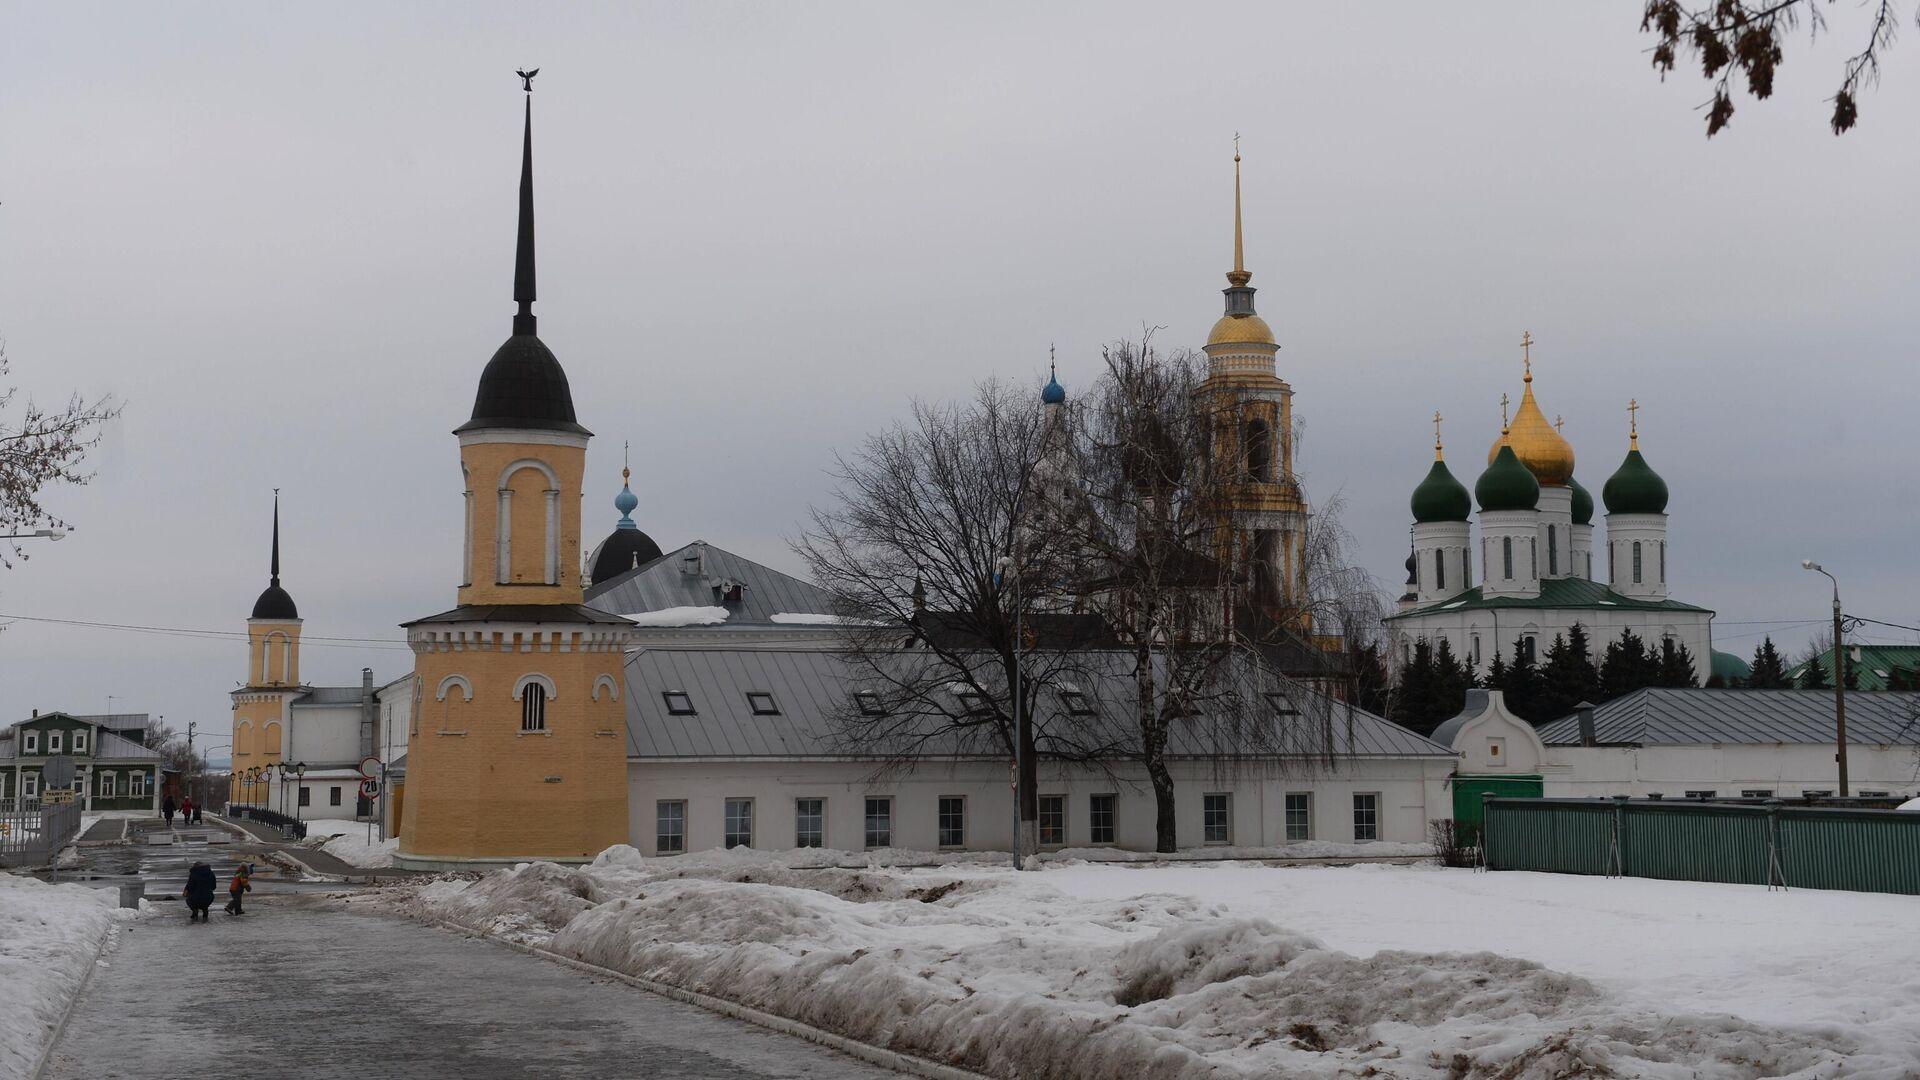 Успенский кафедральный собор (справа), колокольня Ново-Голутвина монастыря (в центре) на территории Коломенского кремля - РИА Новости, 1920, 02.01.2021